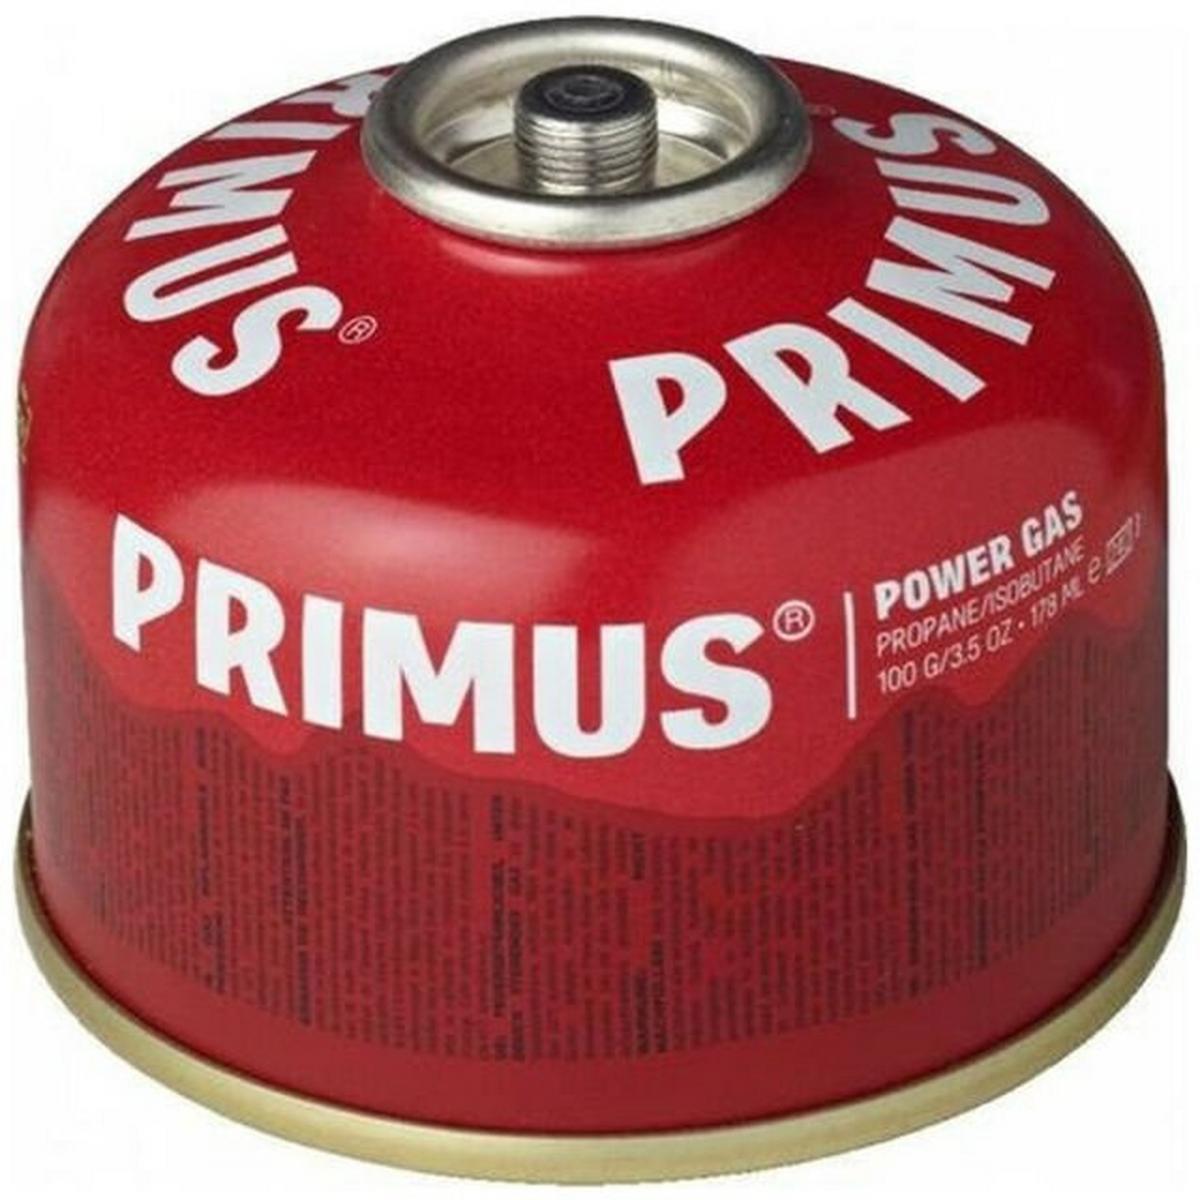 Primus Powergas 100g